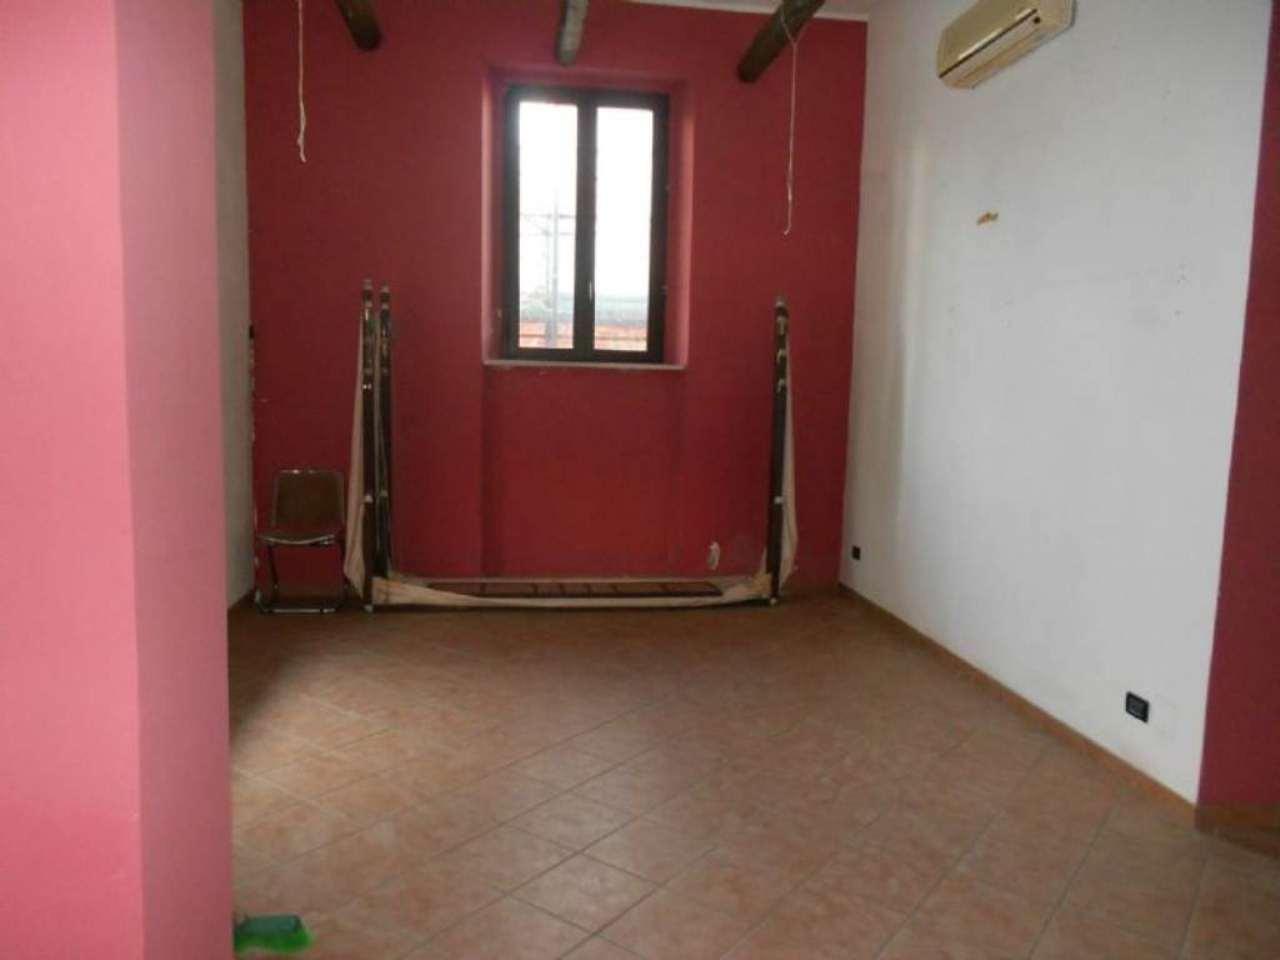 Negozio / Locale in affitto a Francavilla al Mare, 1 locali, prezzo € 600 | CambioCasa.it